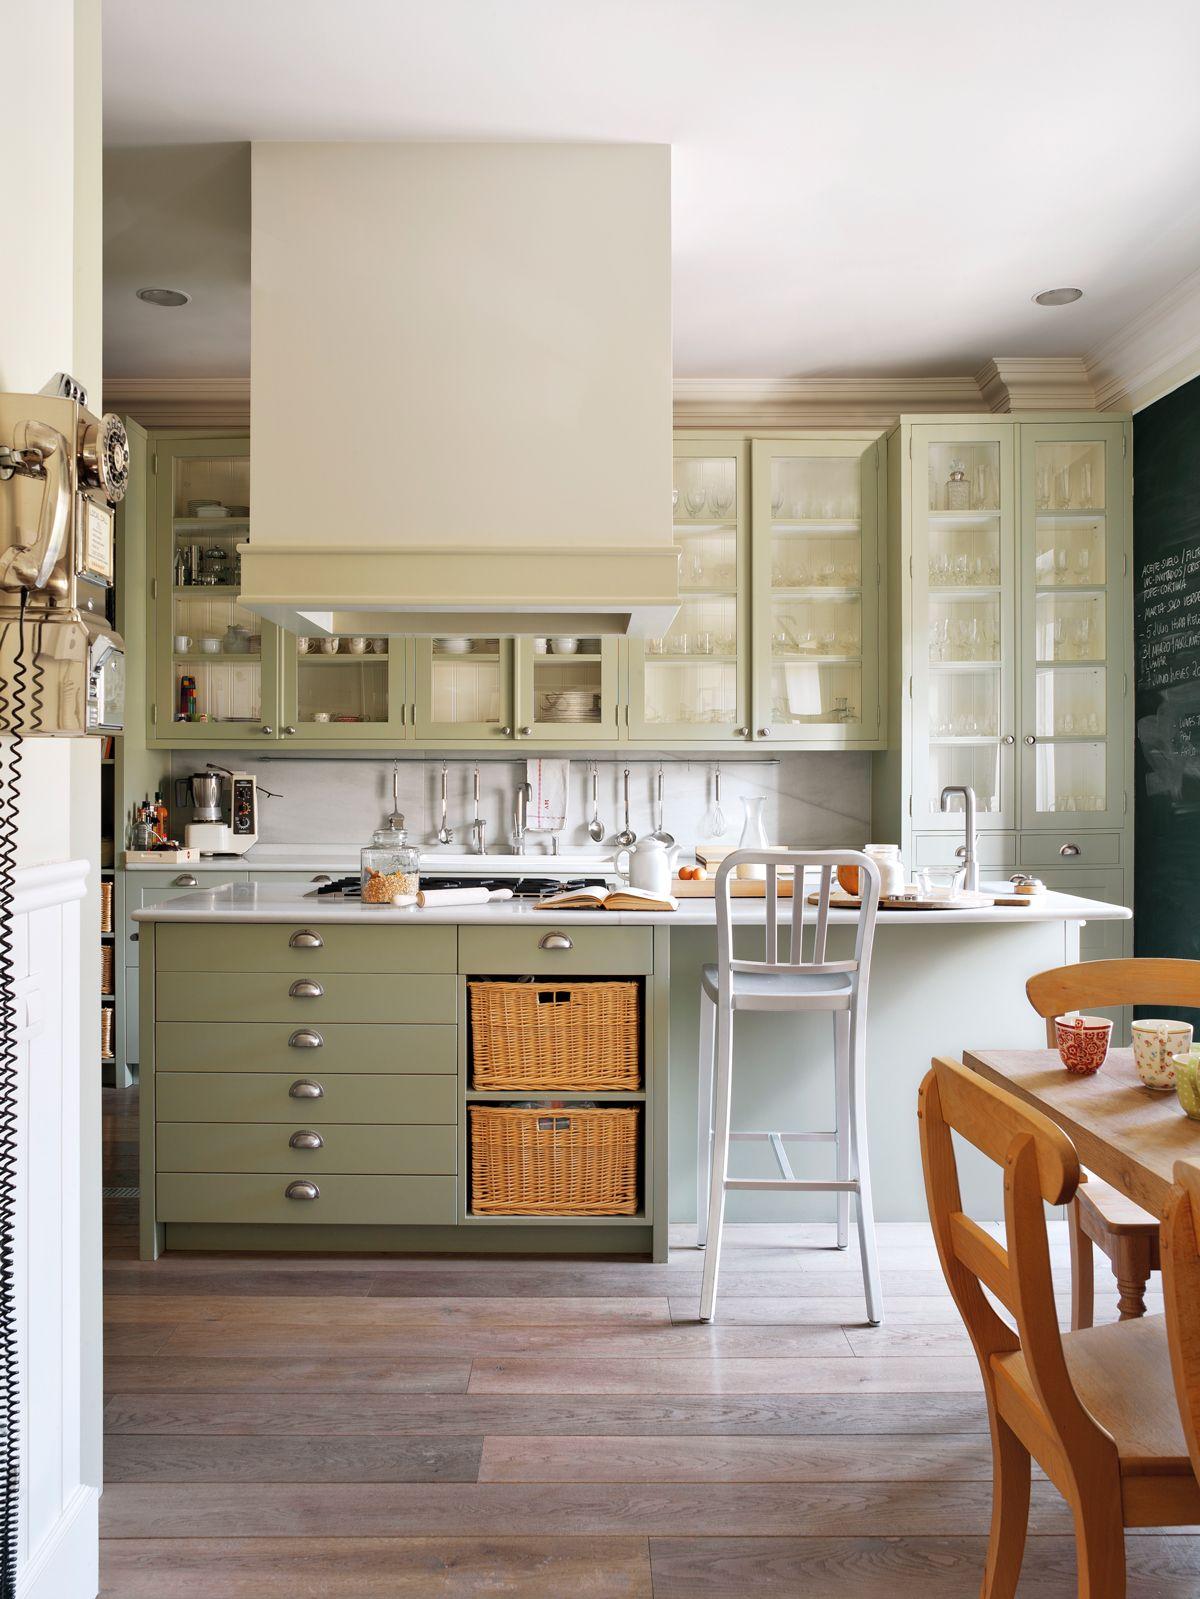 Cocina con mobiliario verde oliva y campana de obra (00379407 ...